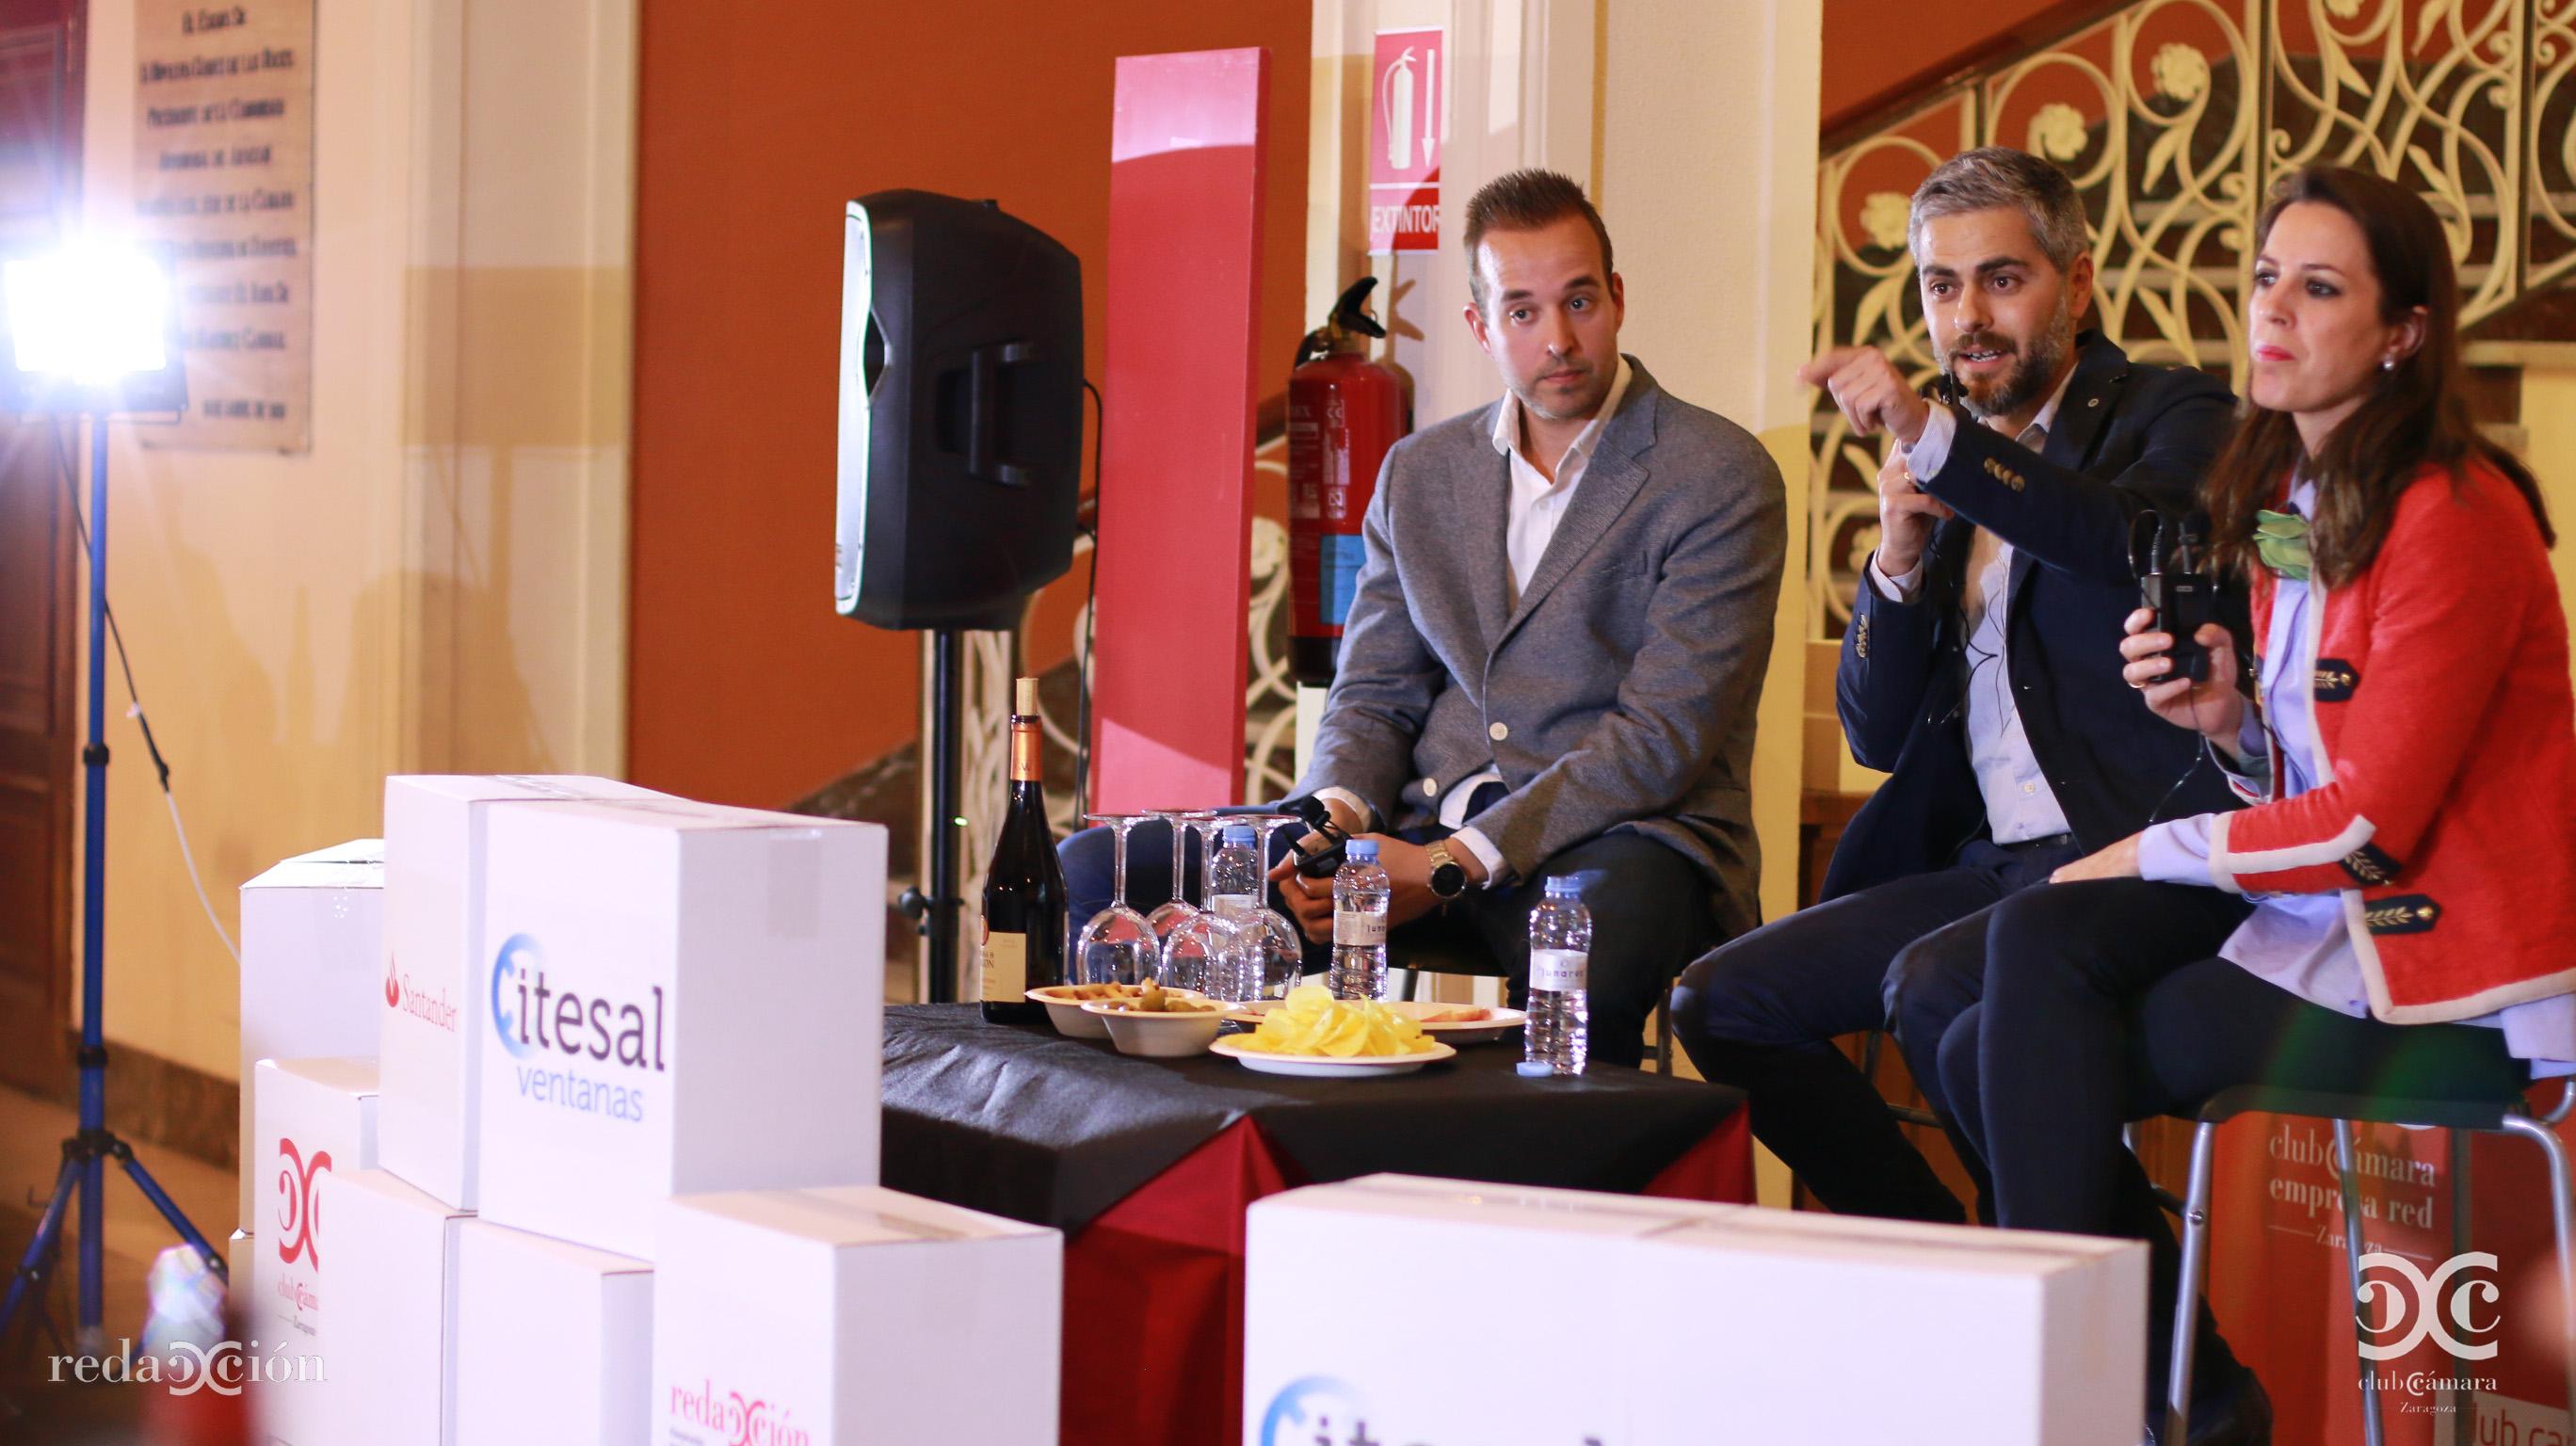 Carlos Sánchez Broto, Alberto Fantova y María Montal. Fotos: Arturo Gascón.